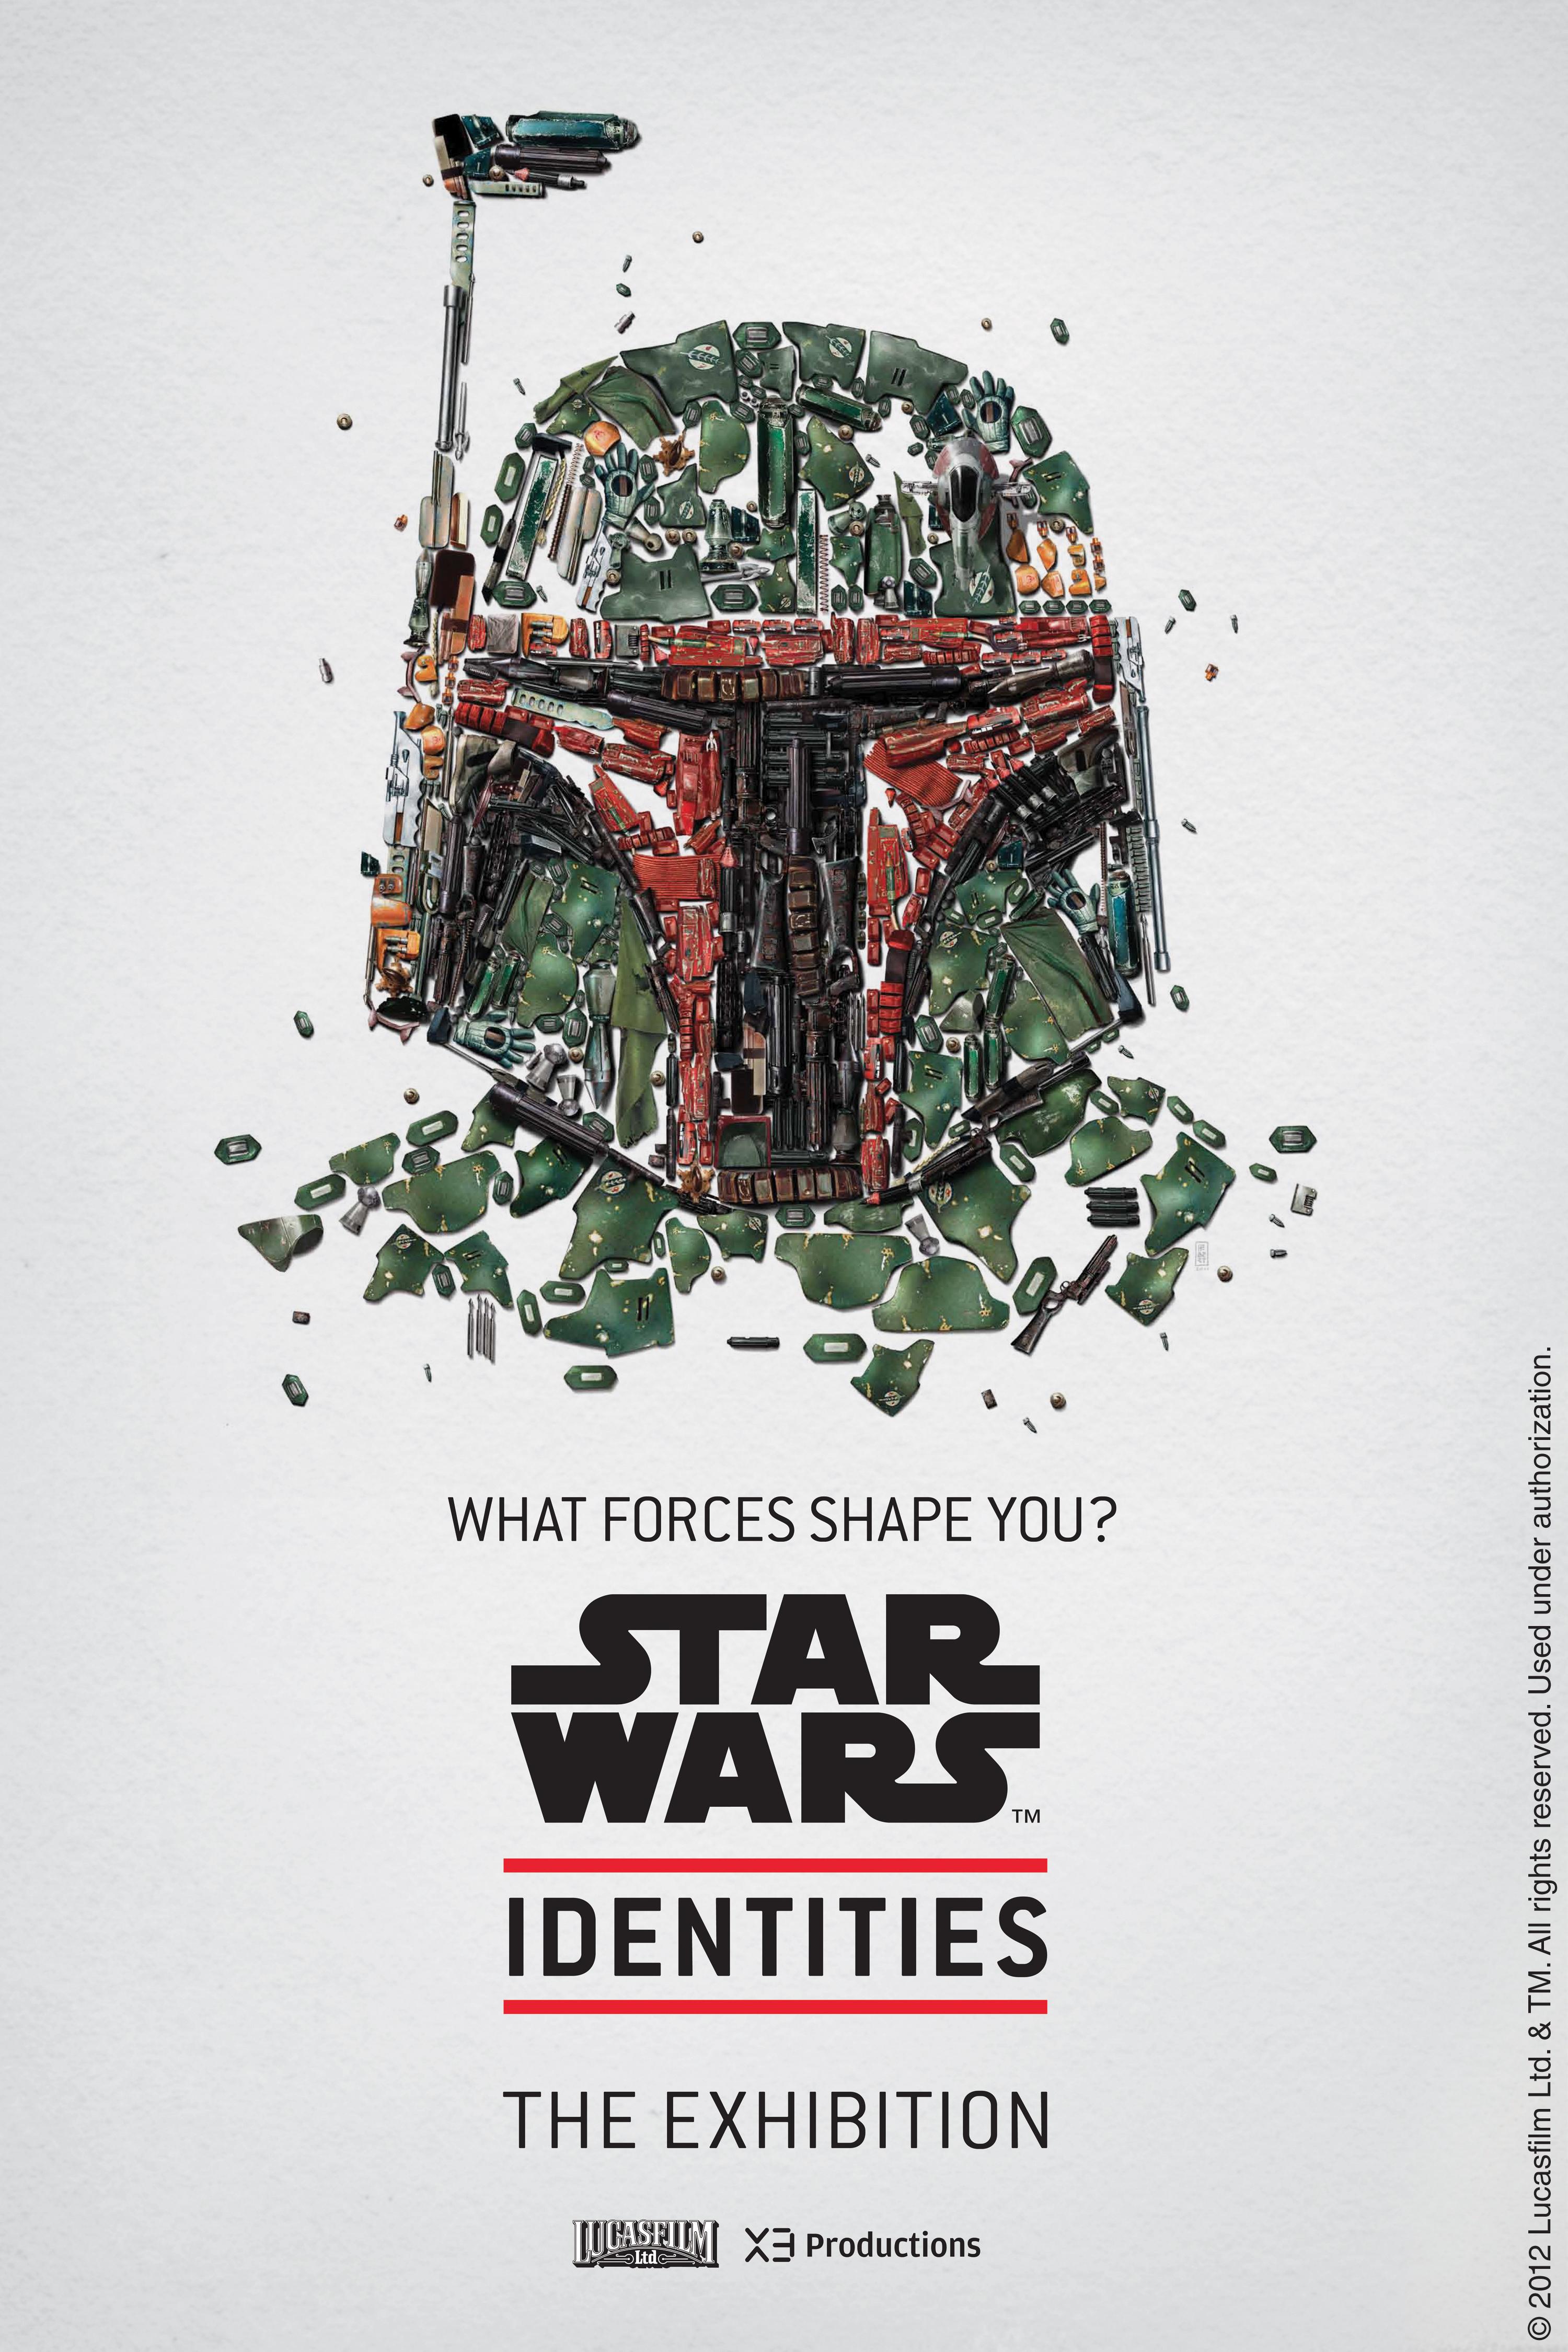 [COMPTE-RENDU] Exposition Star Wars Identities